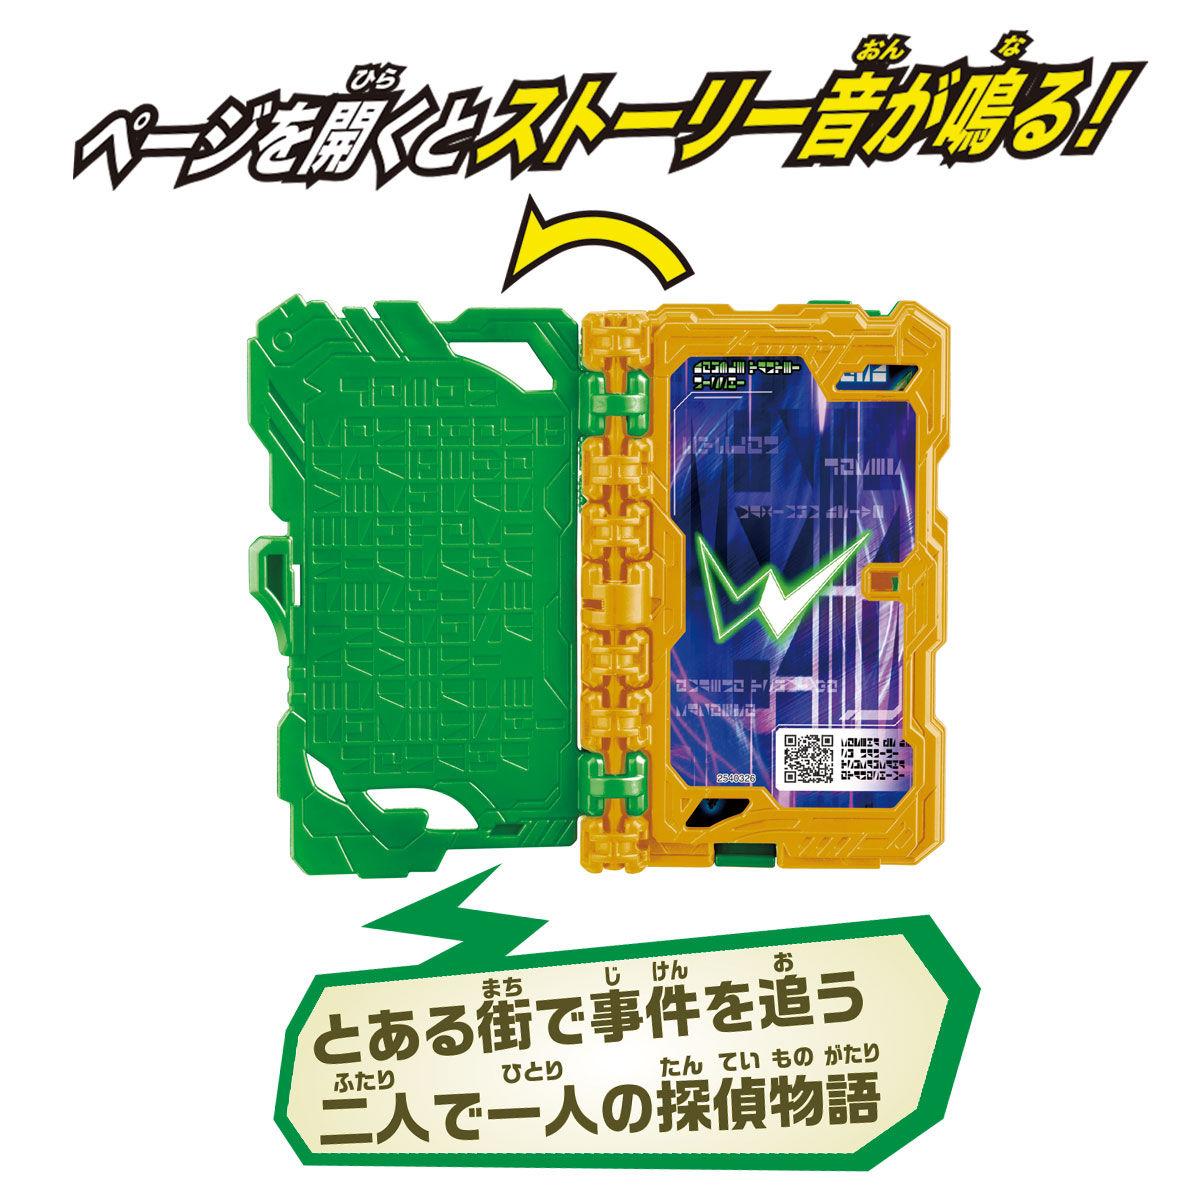 DXダブル探偵日誌ワンダーライドブック